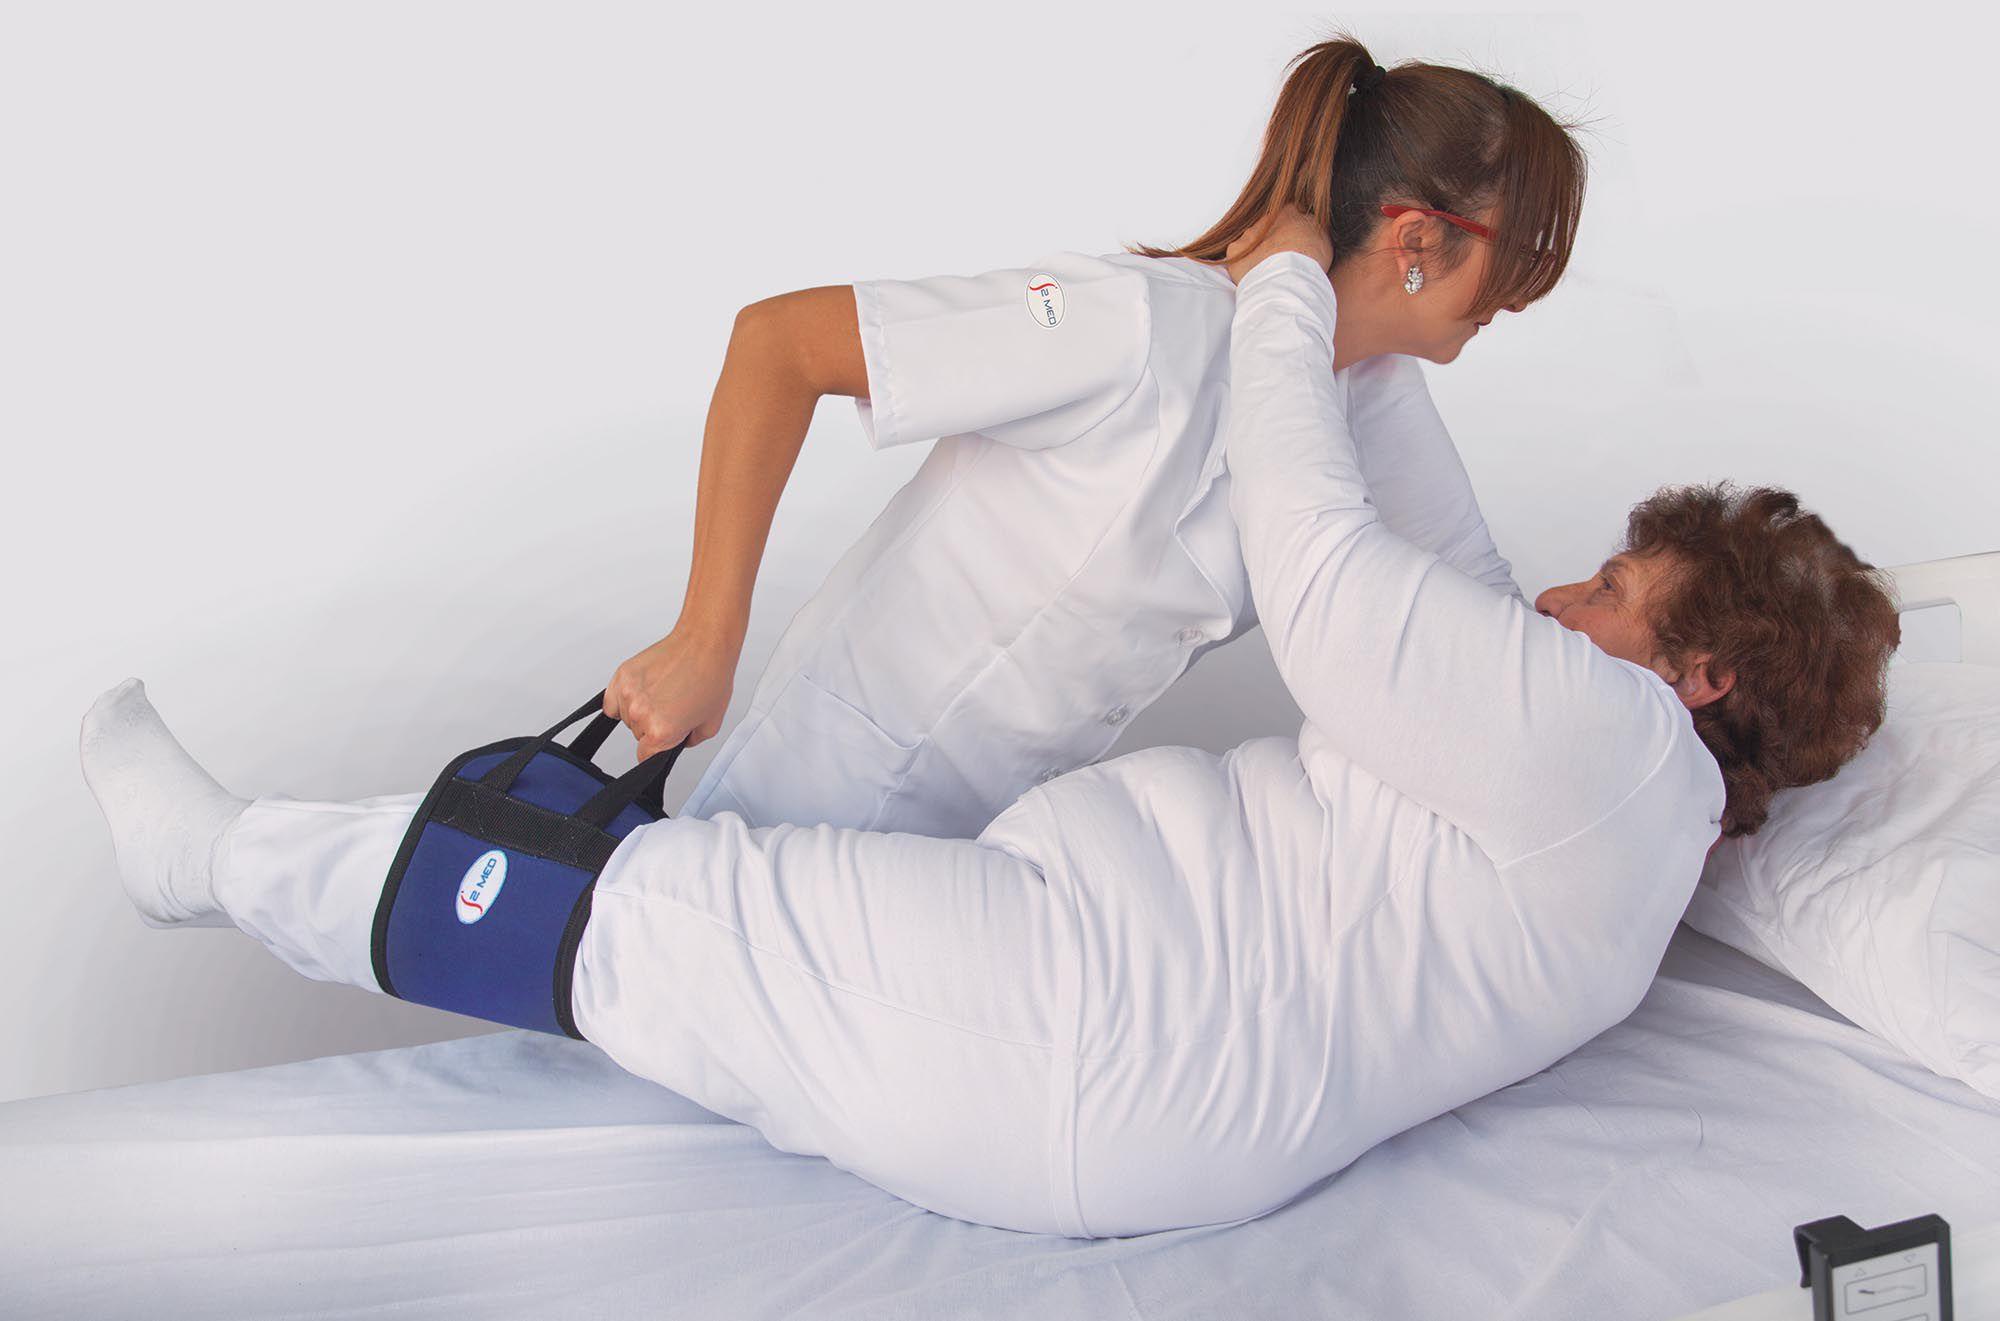 Cinta para auxiliar manobras e posicionamento de pessoas com mobilidade reduzida